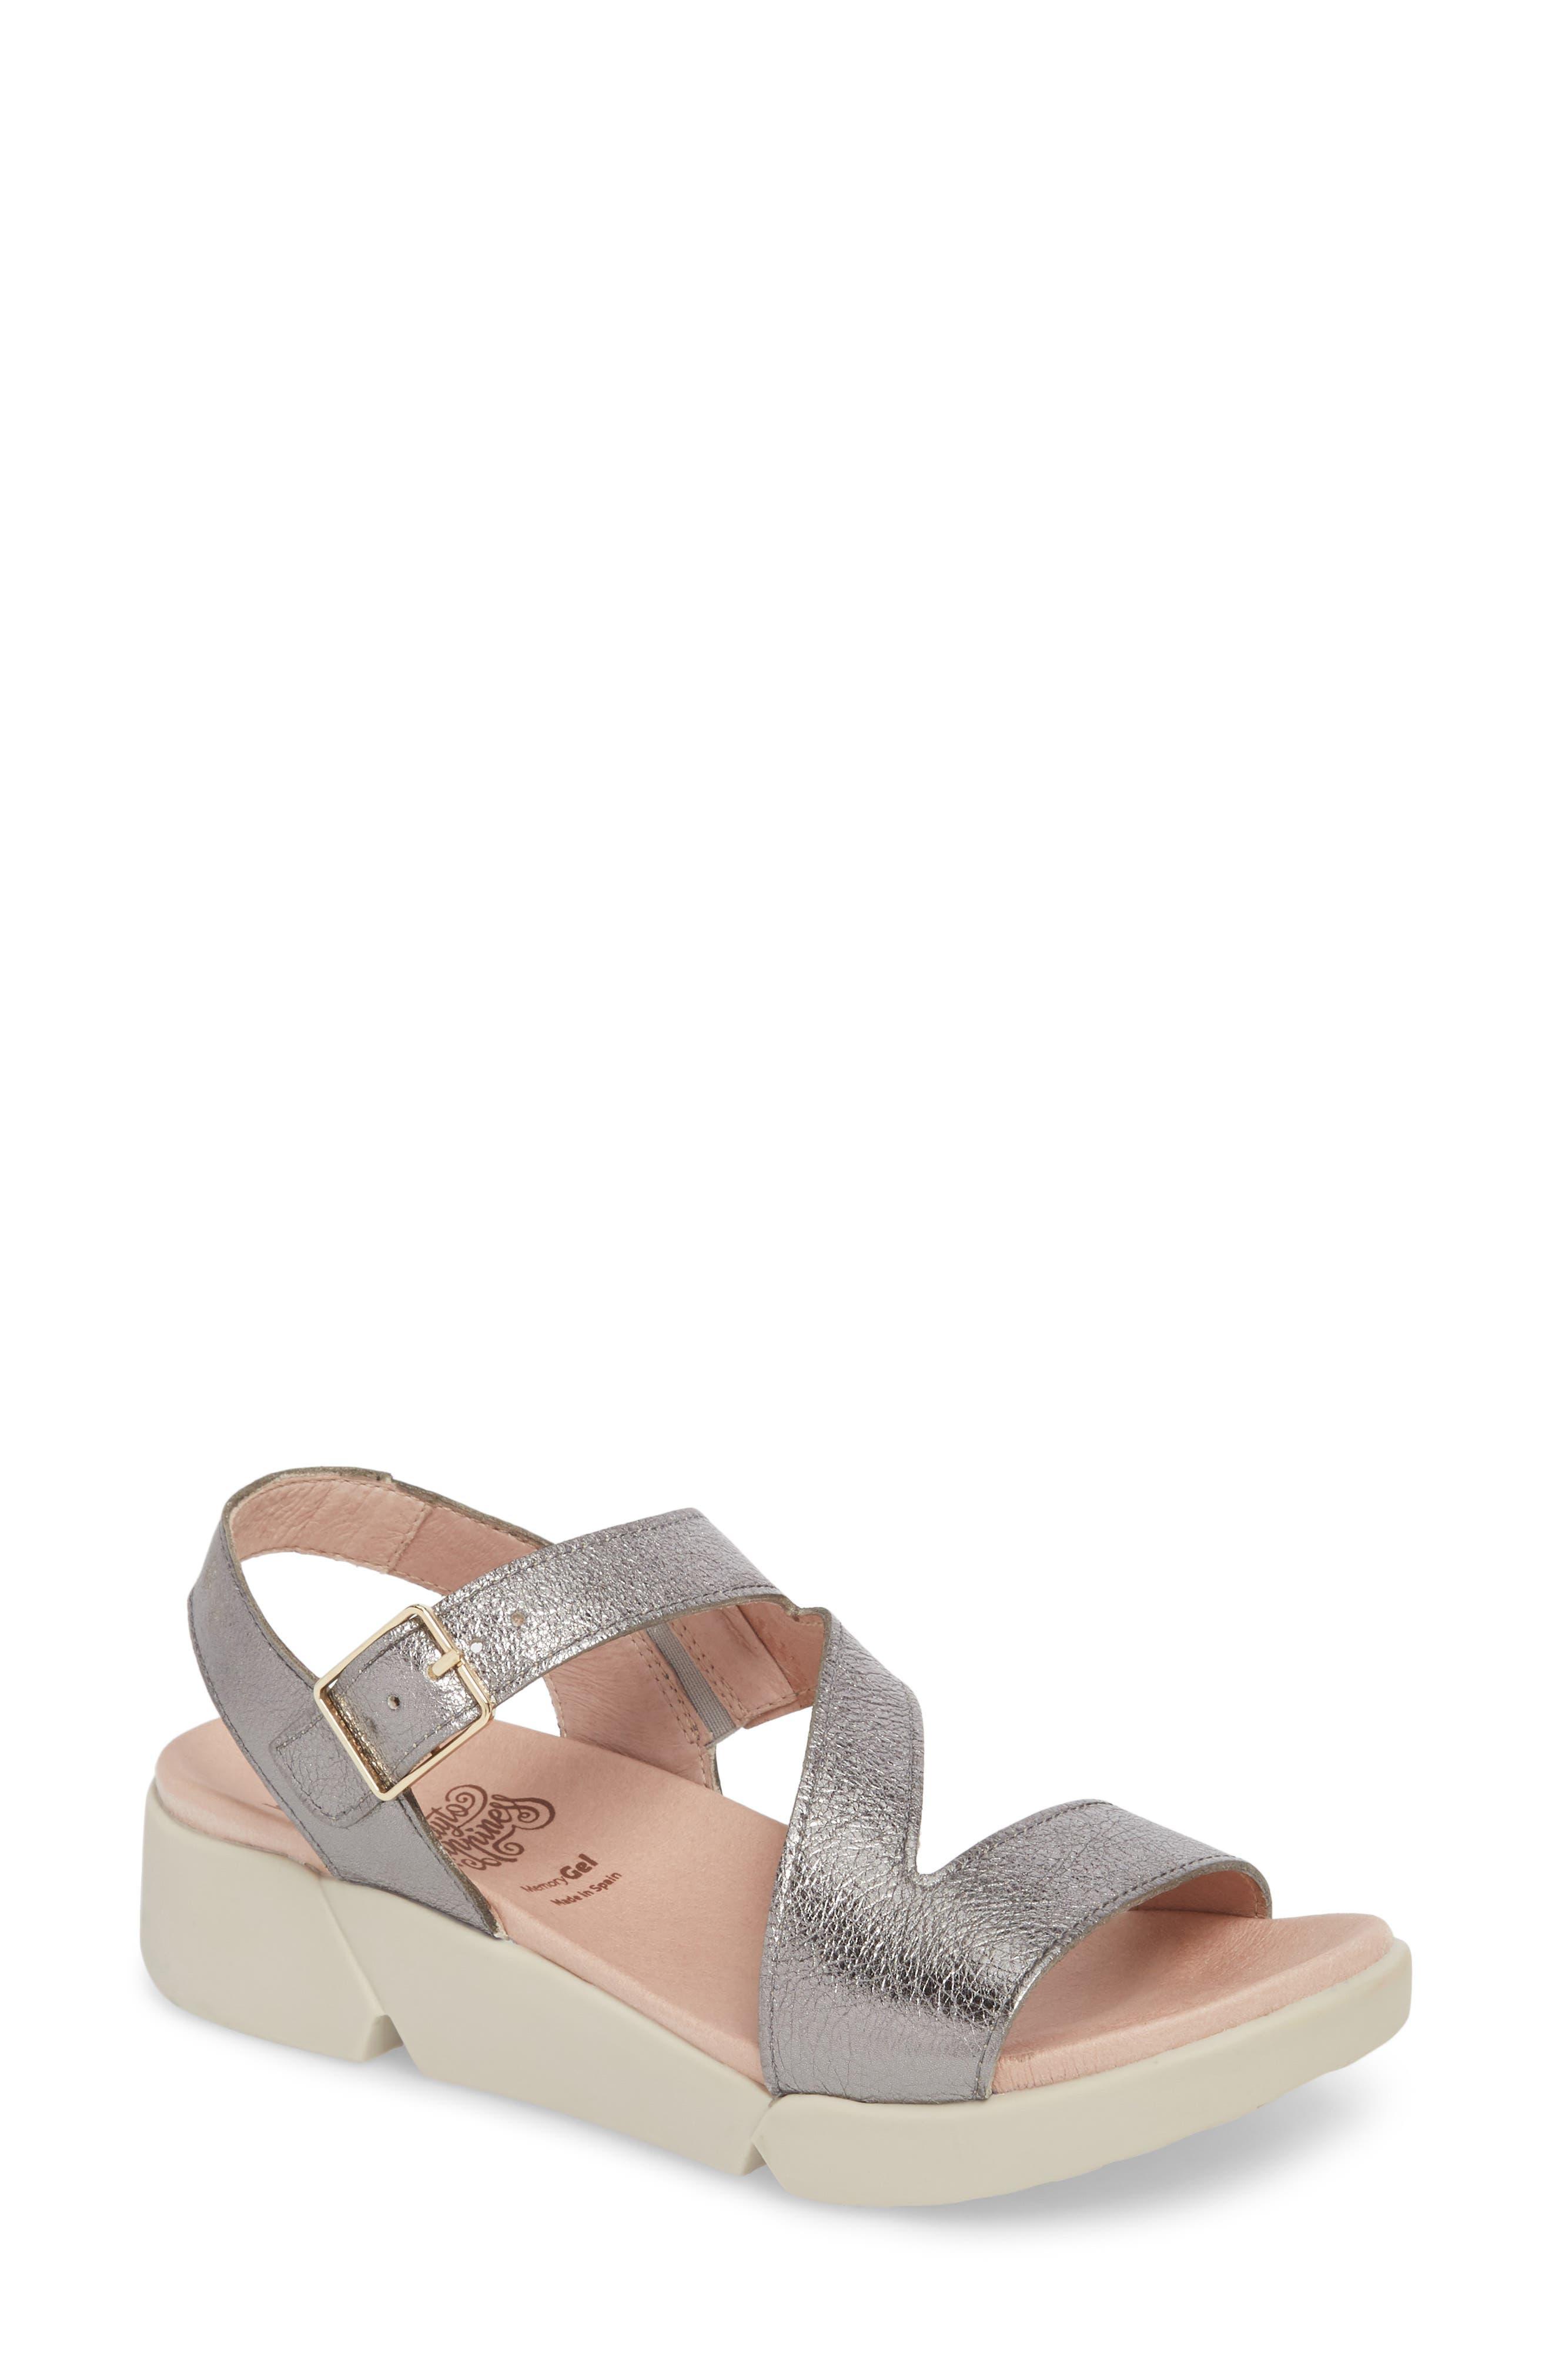 WONDERS Platform Wedge Sandal in Grey Leather